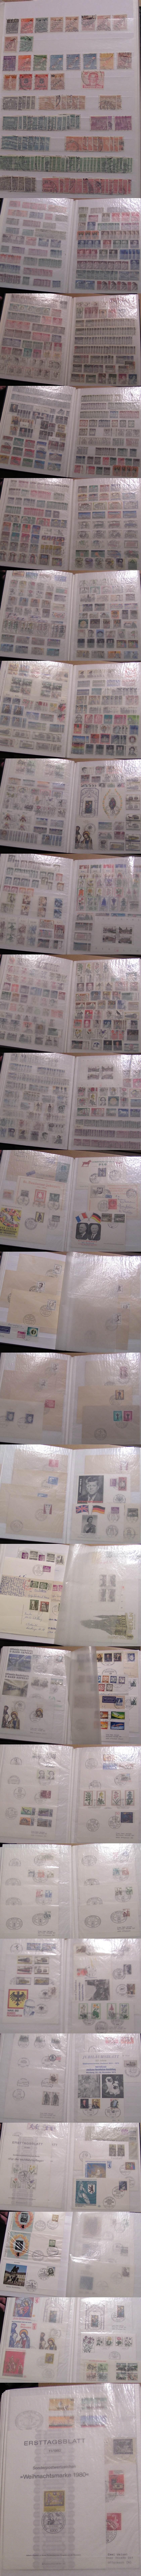 (a55905) Briefmarkensteckalbum Westberlin, Gestempelt Und Postbelege